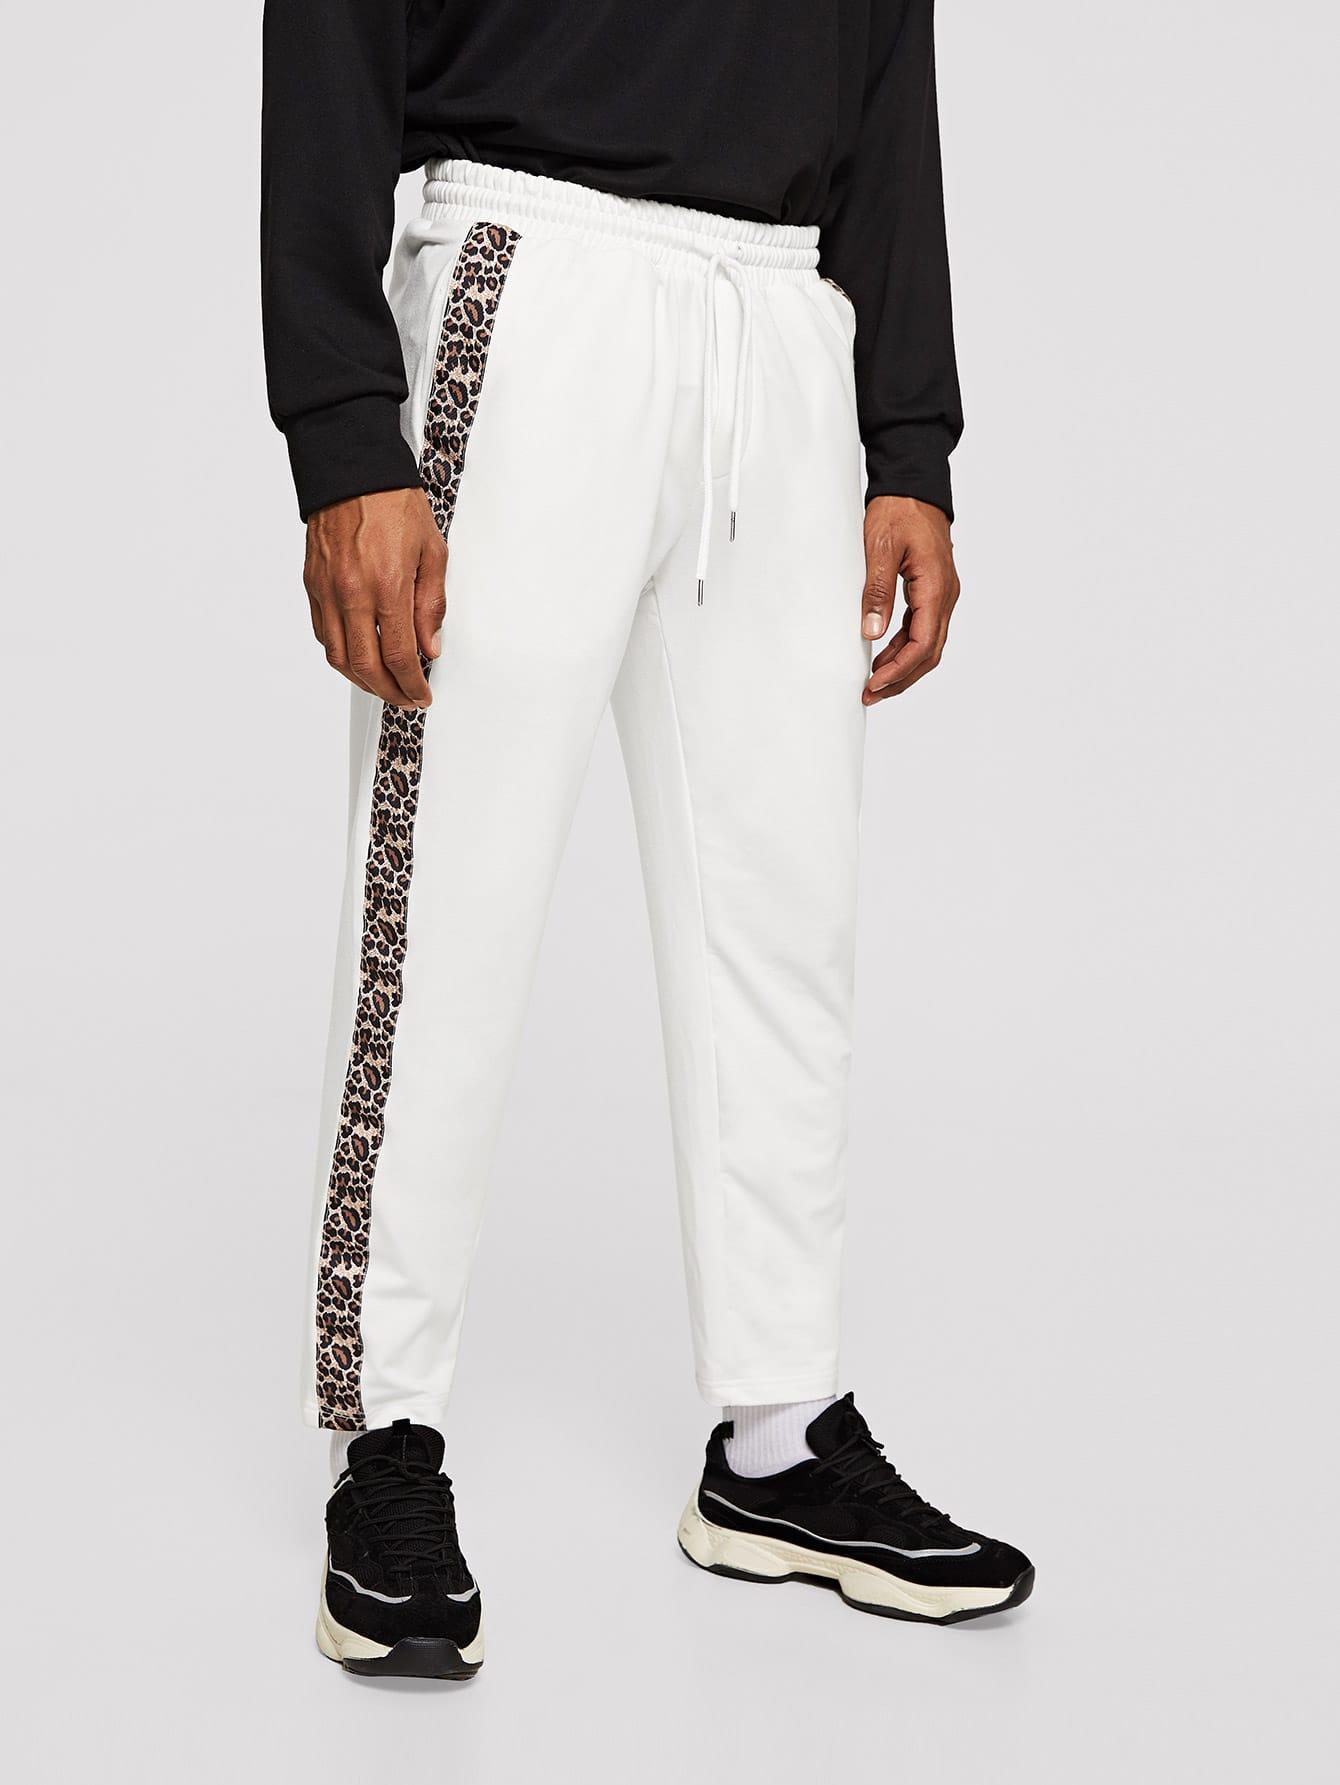 Фото - Мужскые спортивные брюки с леопардовой полосой от SheIn бежевого цвета